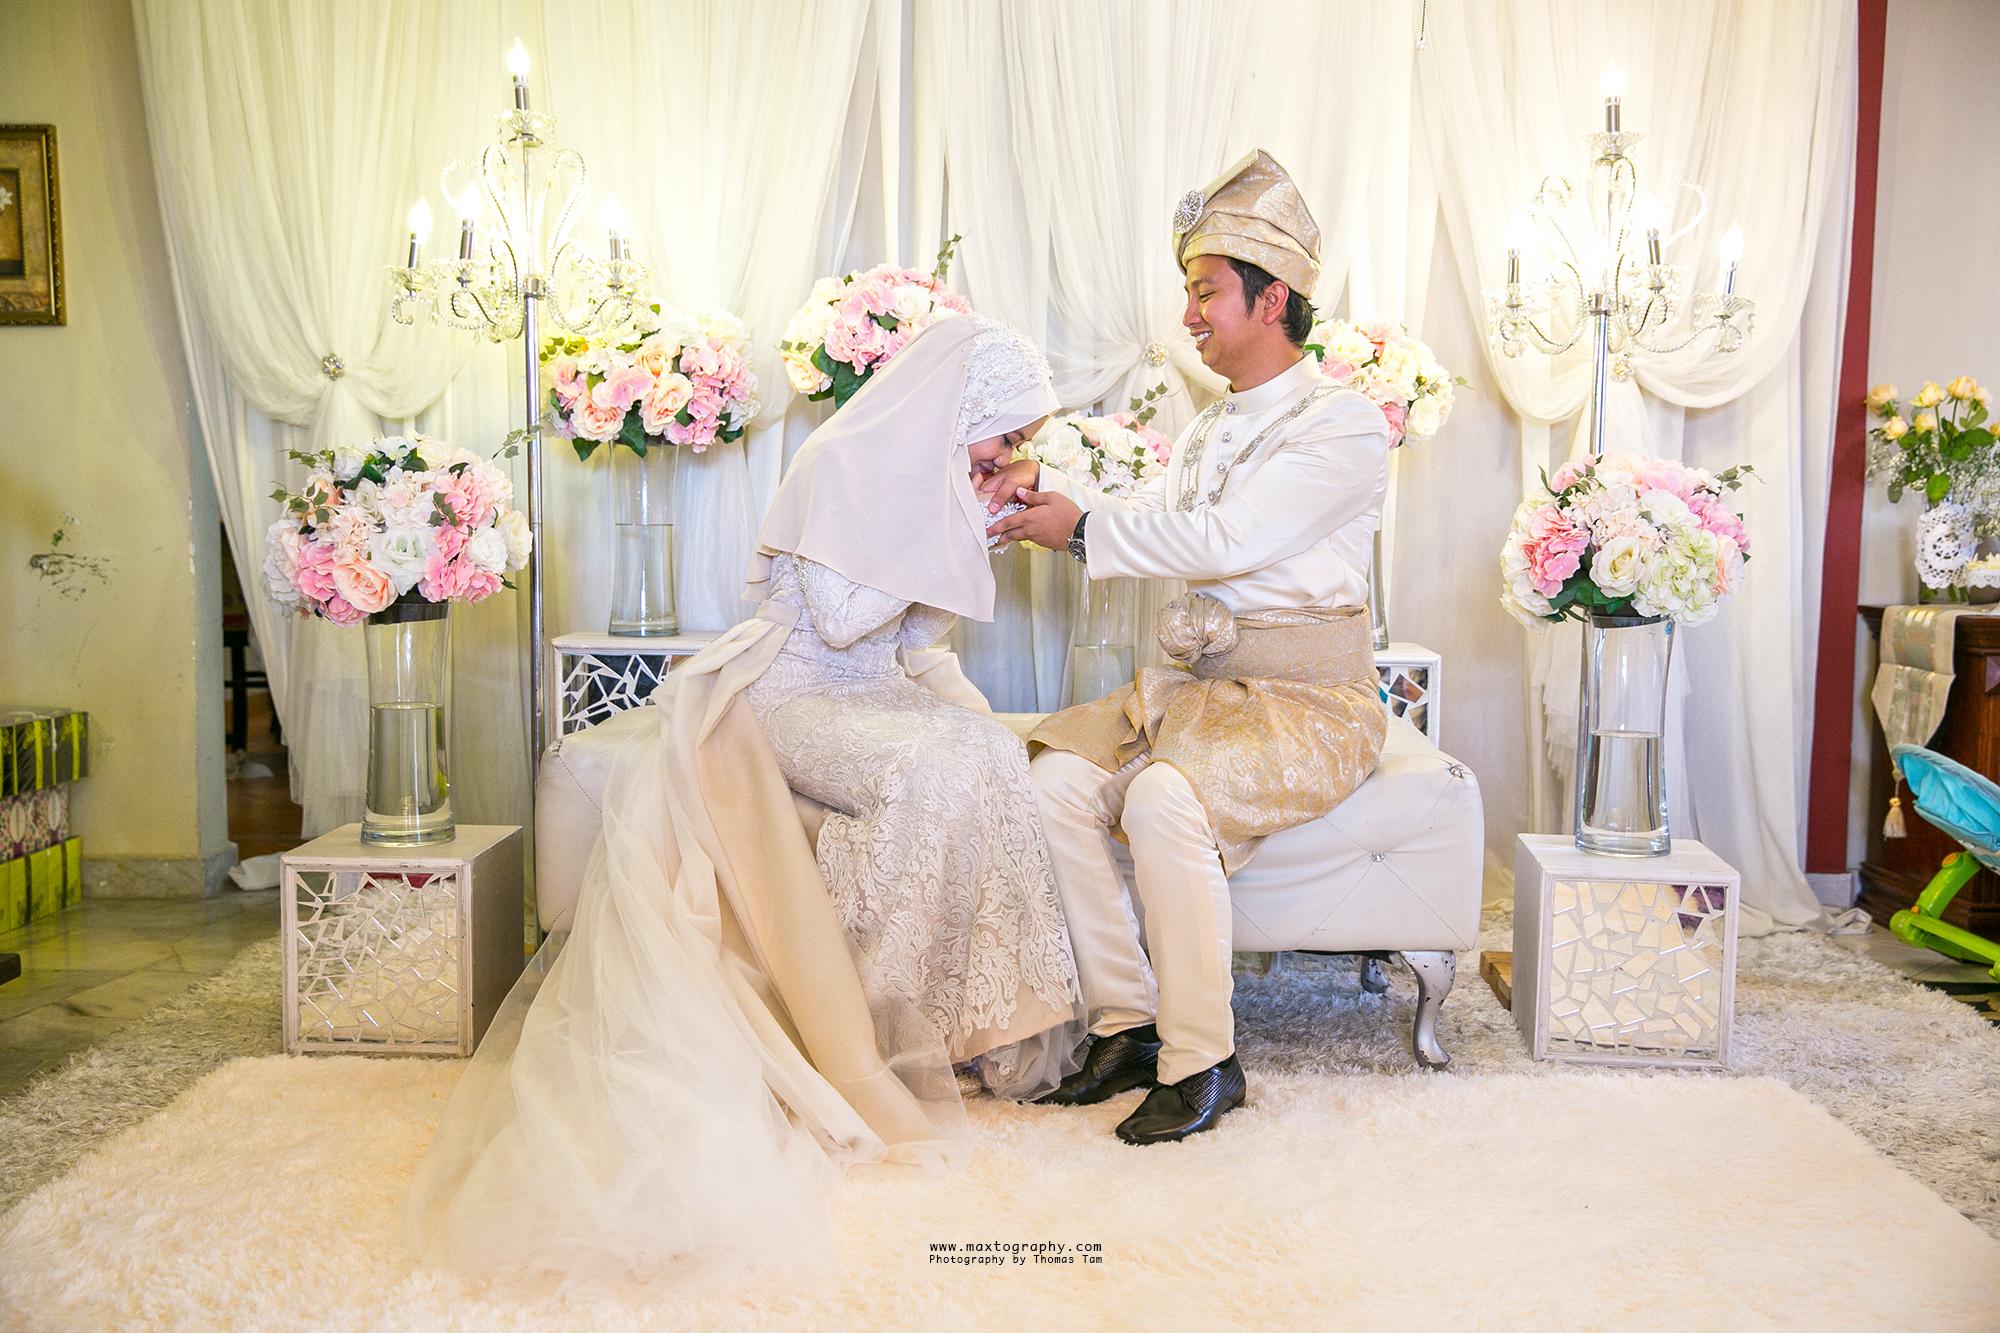 Bride greets groom